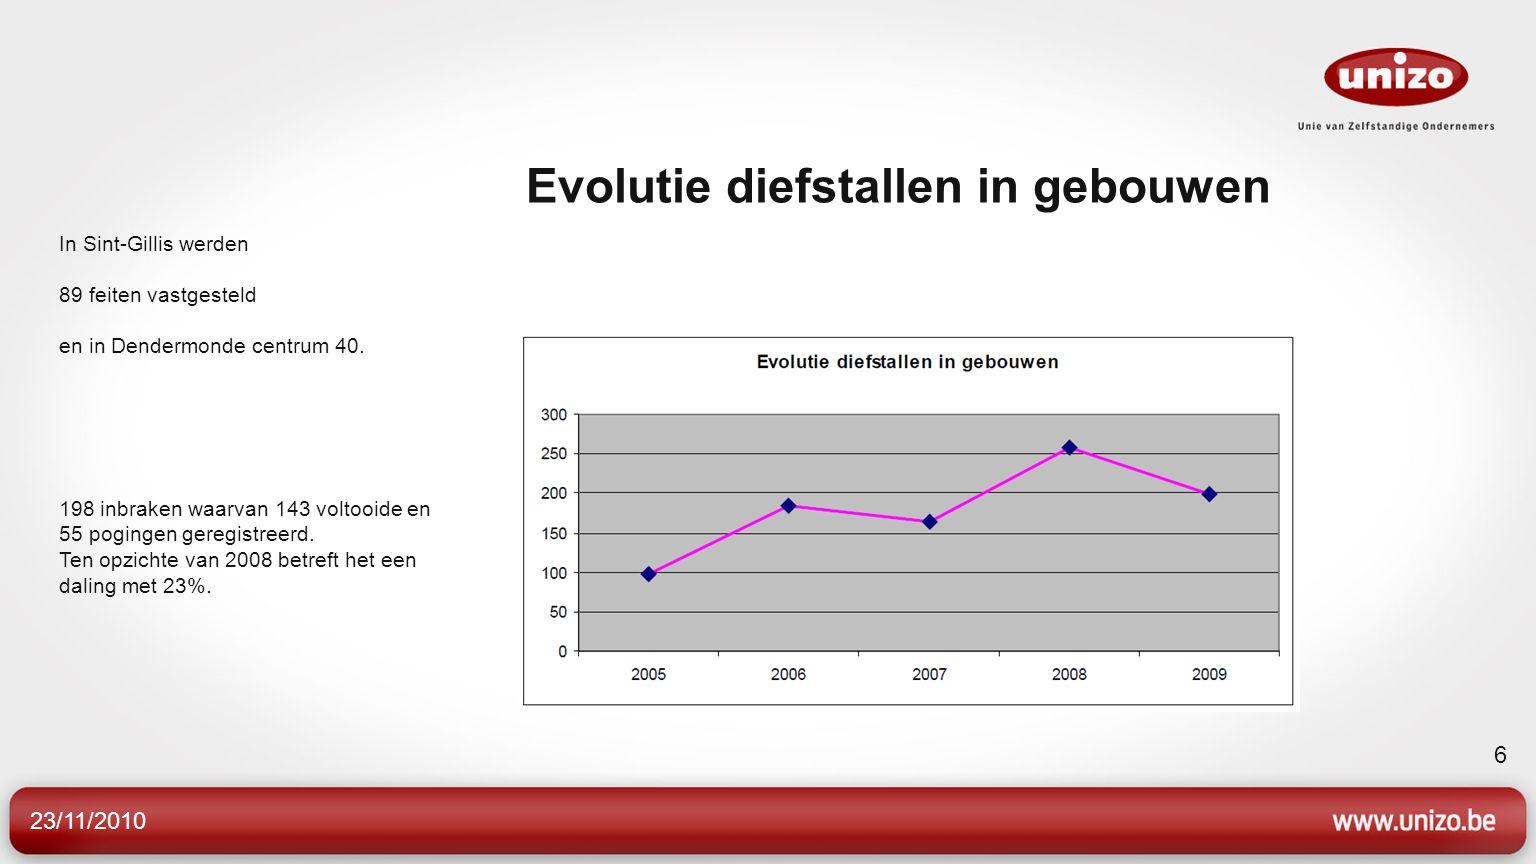 23/11/2010 6 Evolutie diefstallen in gebouwen In Sint-Gillis werden 89 feiten vastgesteld en in Dendermonde centrum 40. 198 inbraken waarvan 143 volto